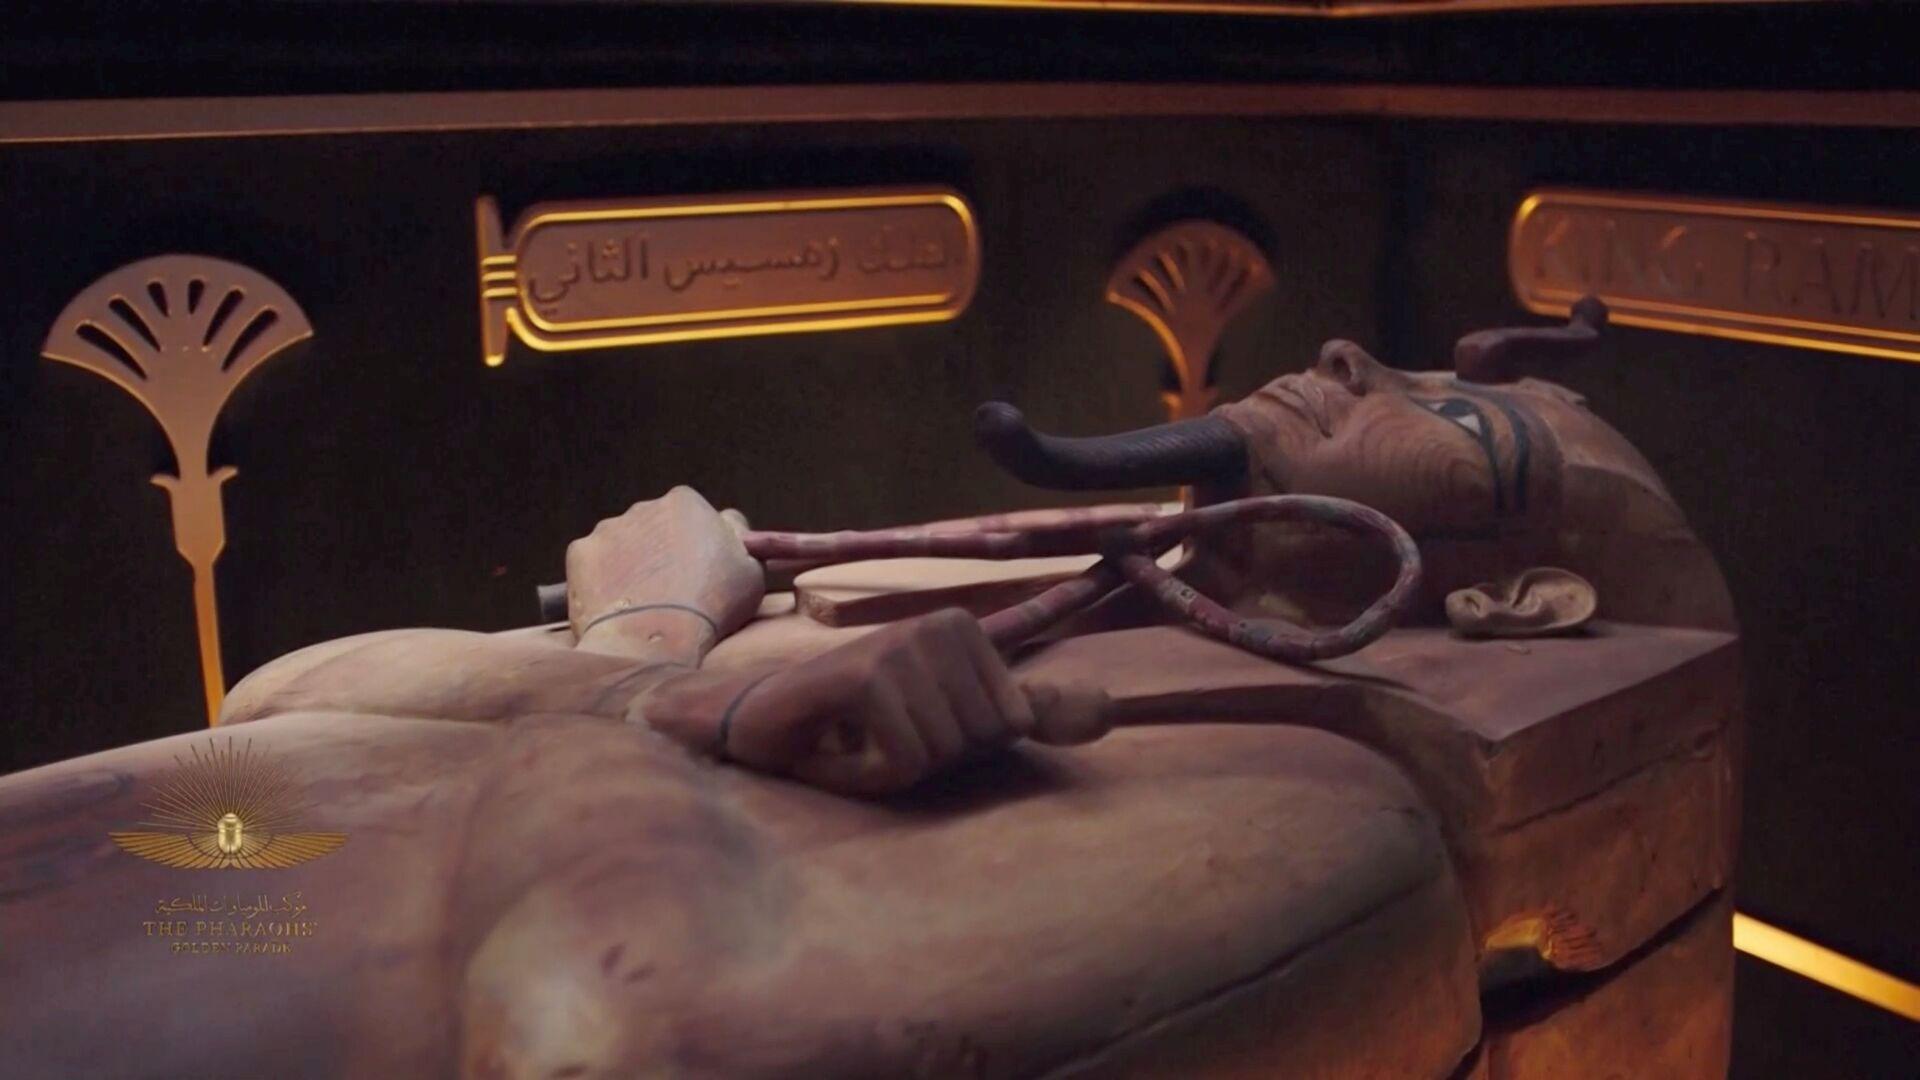 Золотой парад фараонов: в Каире из одного музея в другой перевезли 22 мумии - Sputnik Беларусь, 1920, 04.04.2021